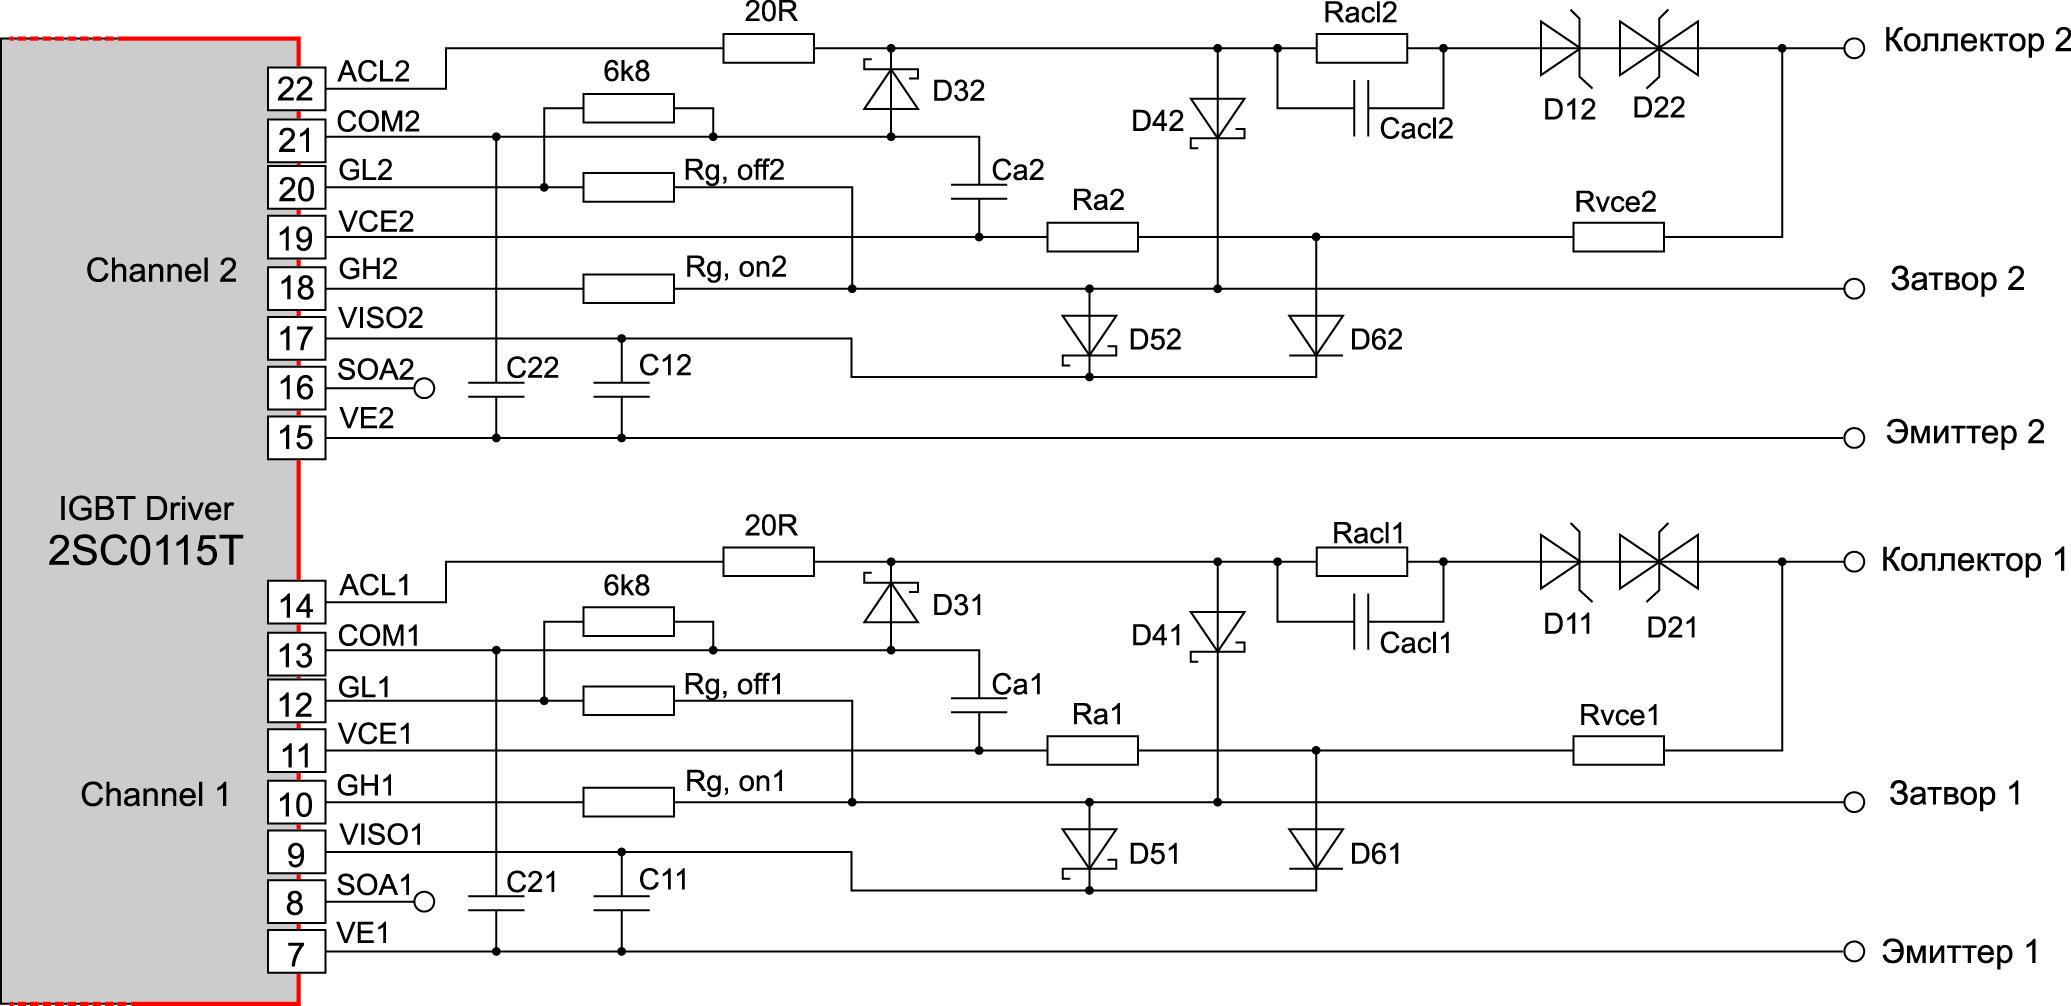 Схема включения драйвера 2SC0115T только с функцией AAC (по вторичной стороне)